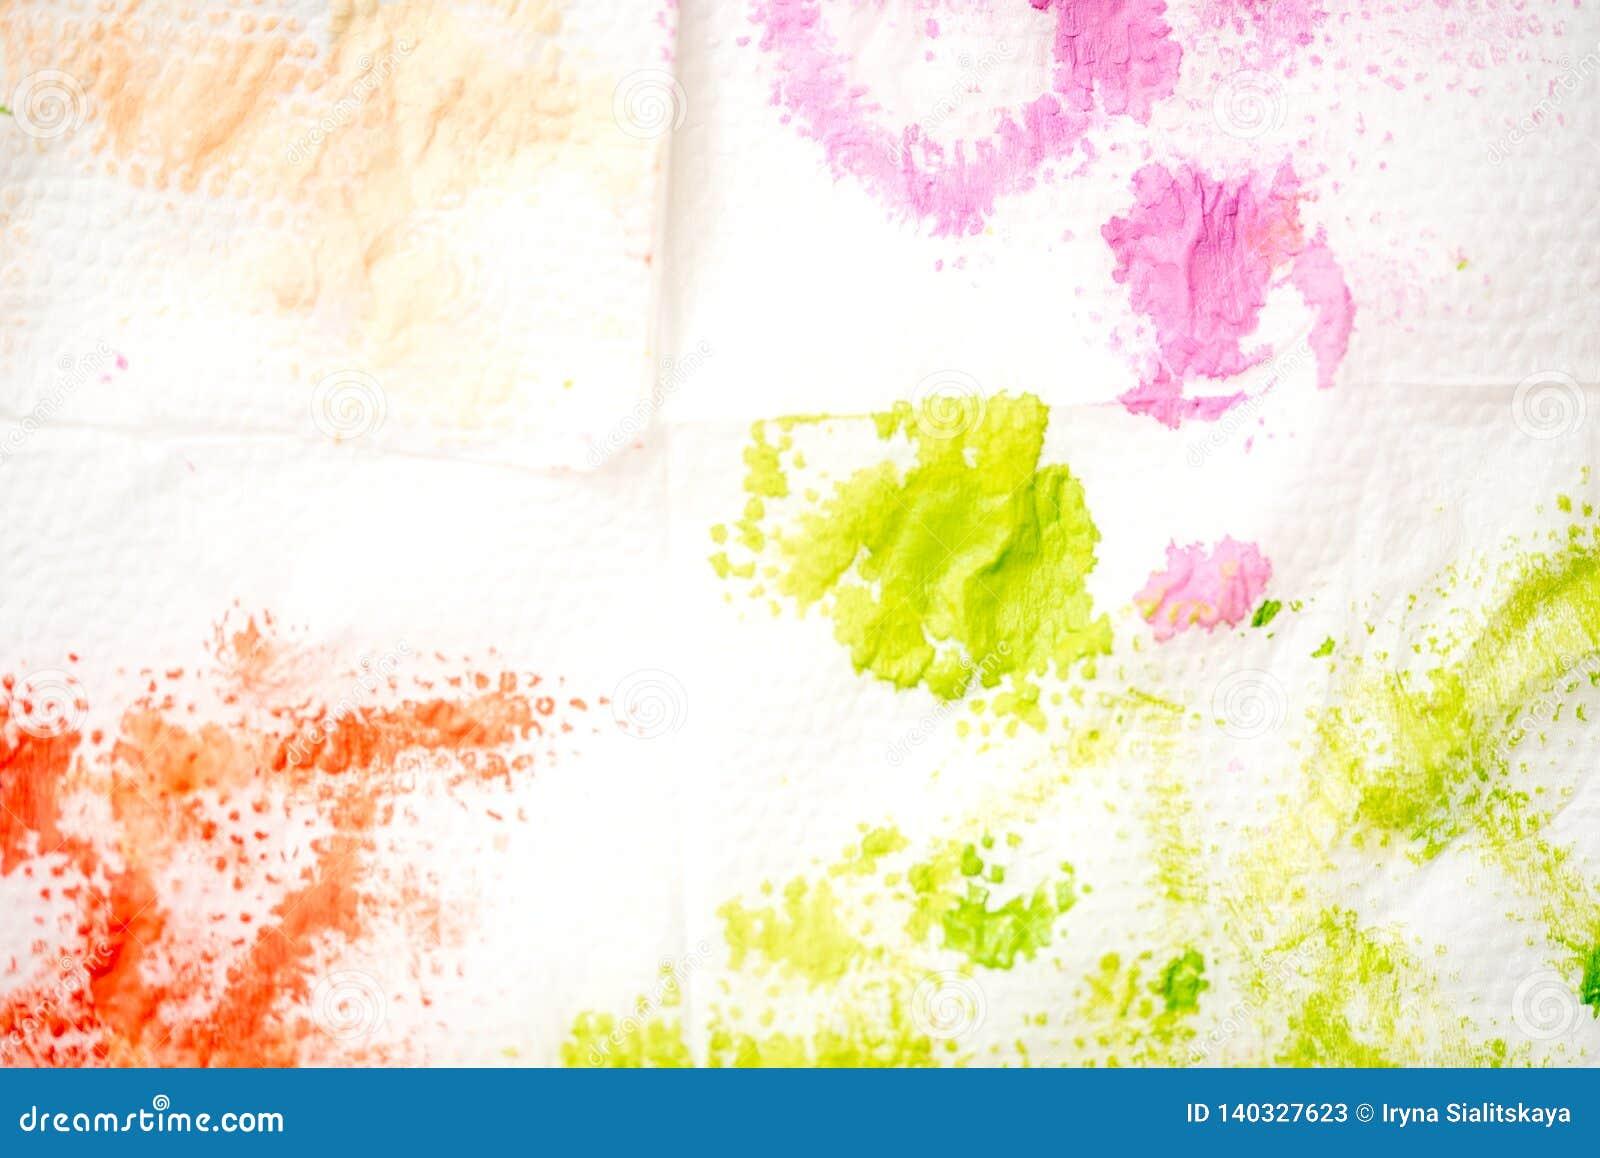 Abstracte waterverfhand geschilderde achtergrond Groene vlek van verf op een wit servet